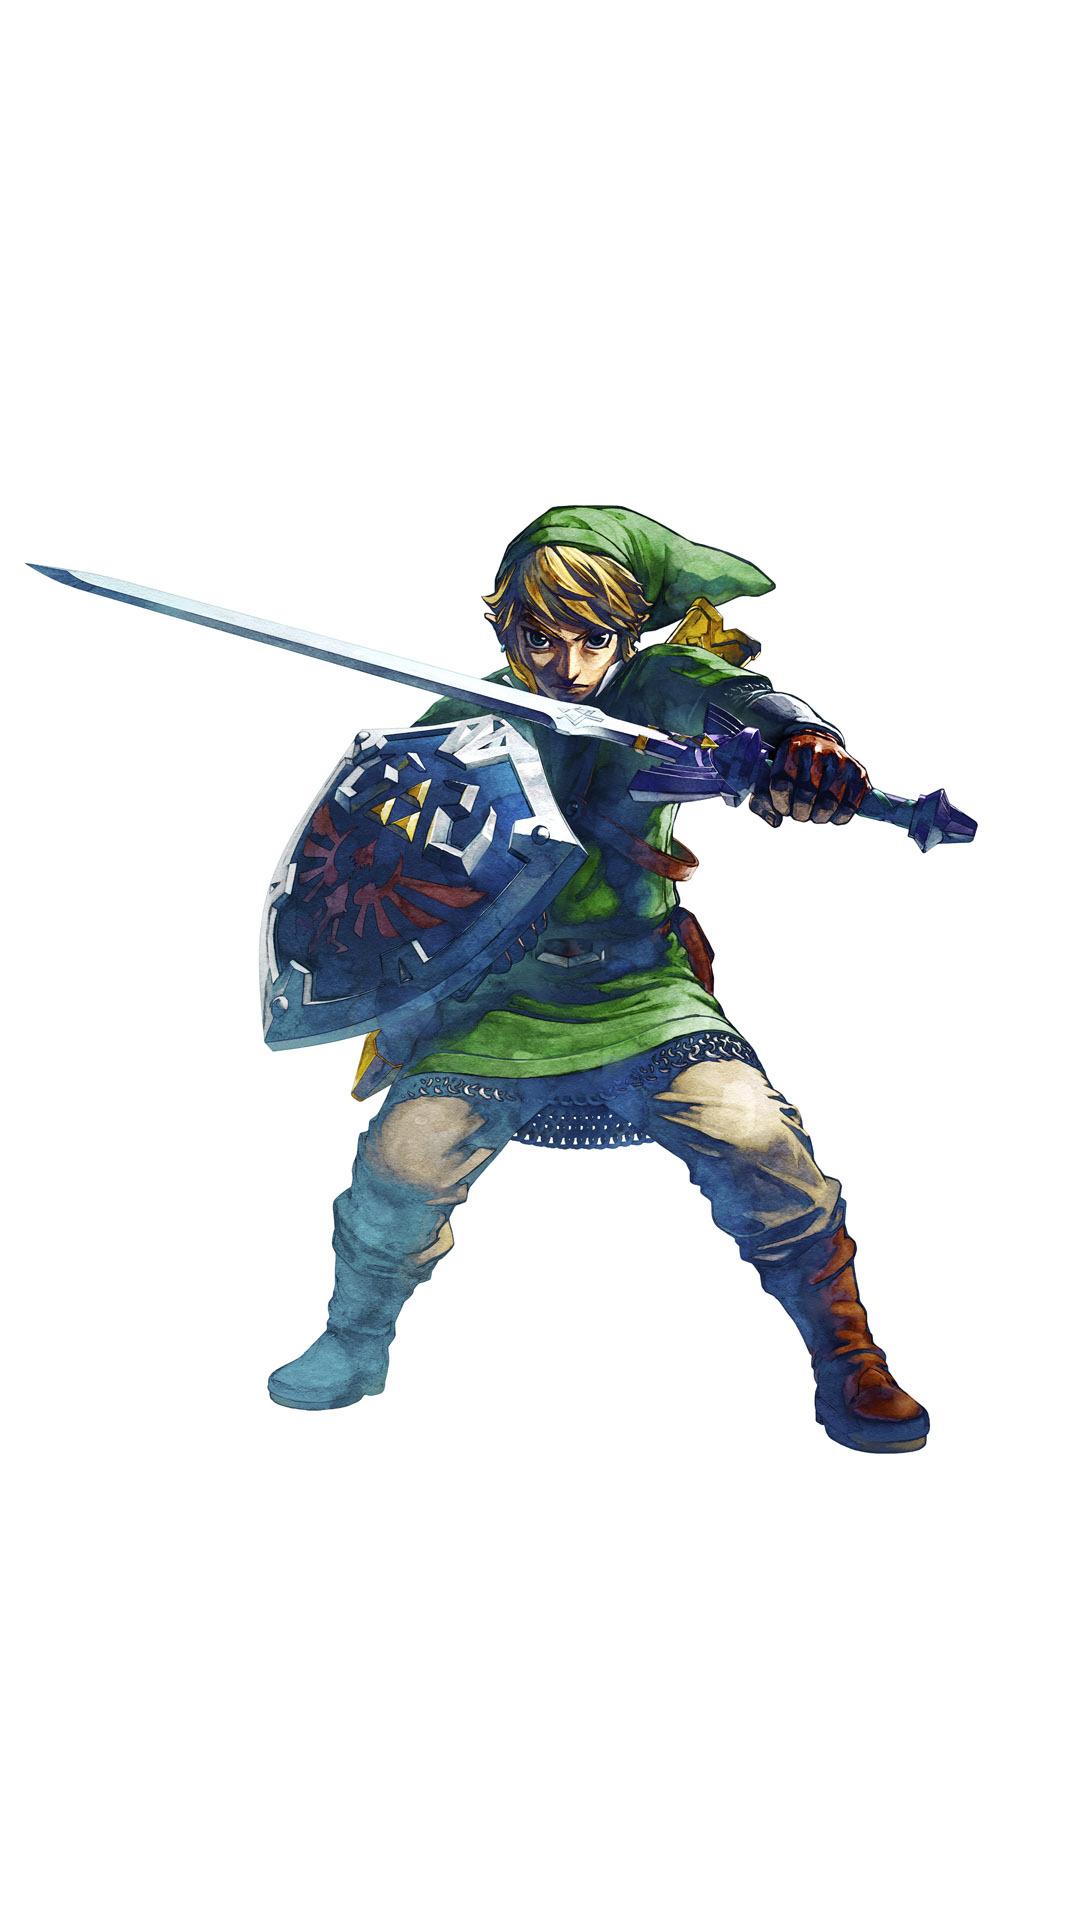 Download Hd Legend Of Zelda Link Mobile Phone Wallpapers 1080x1920